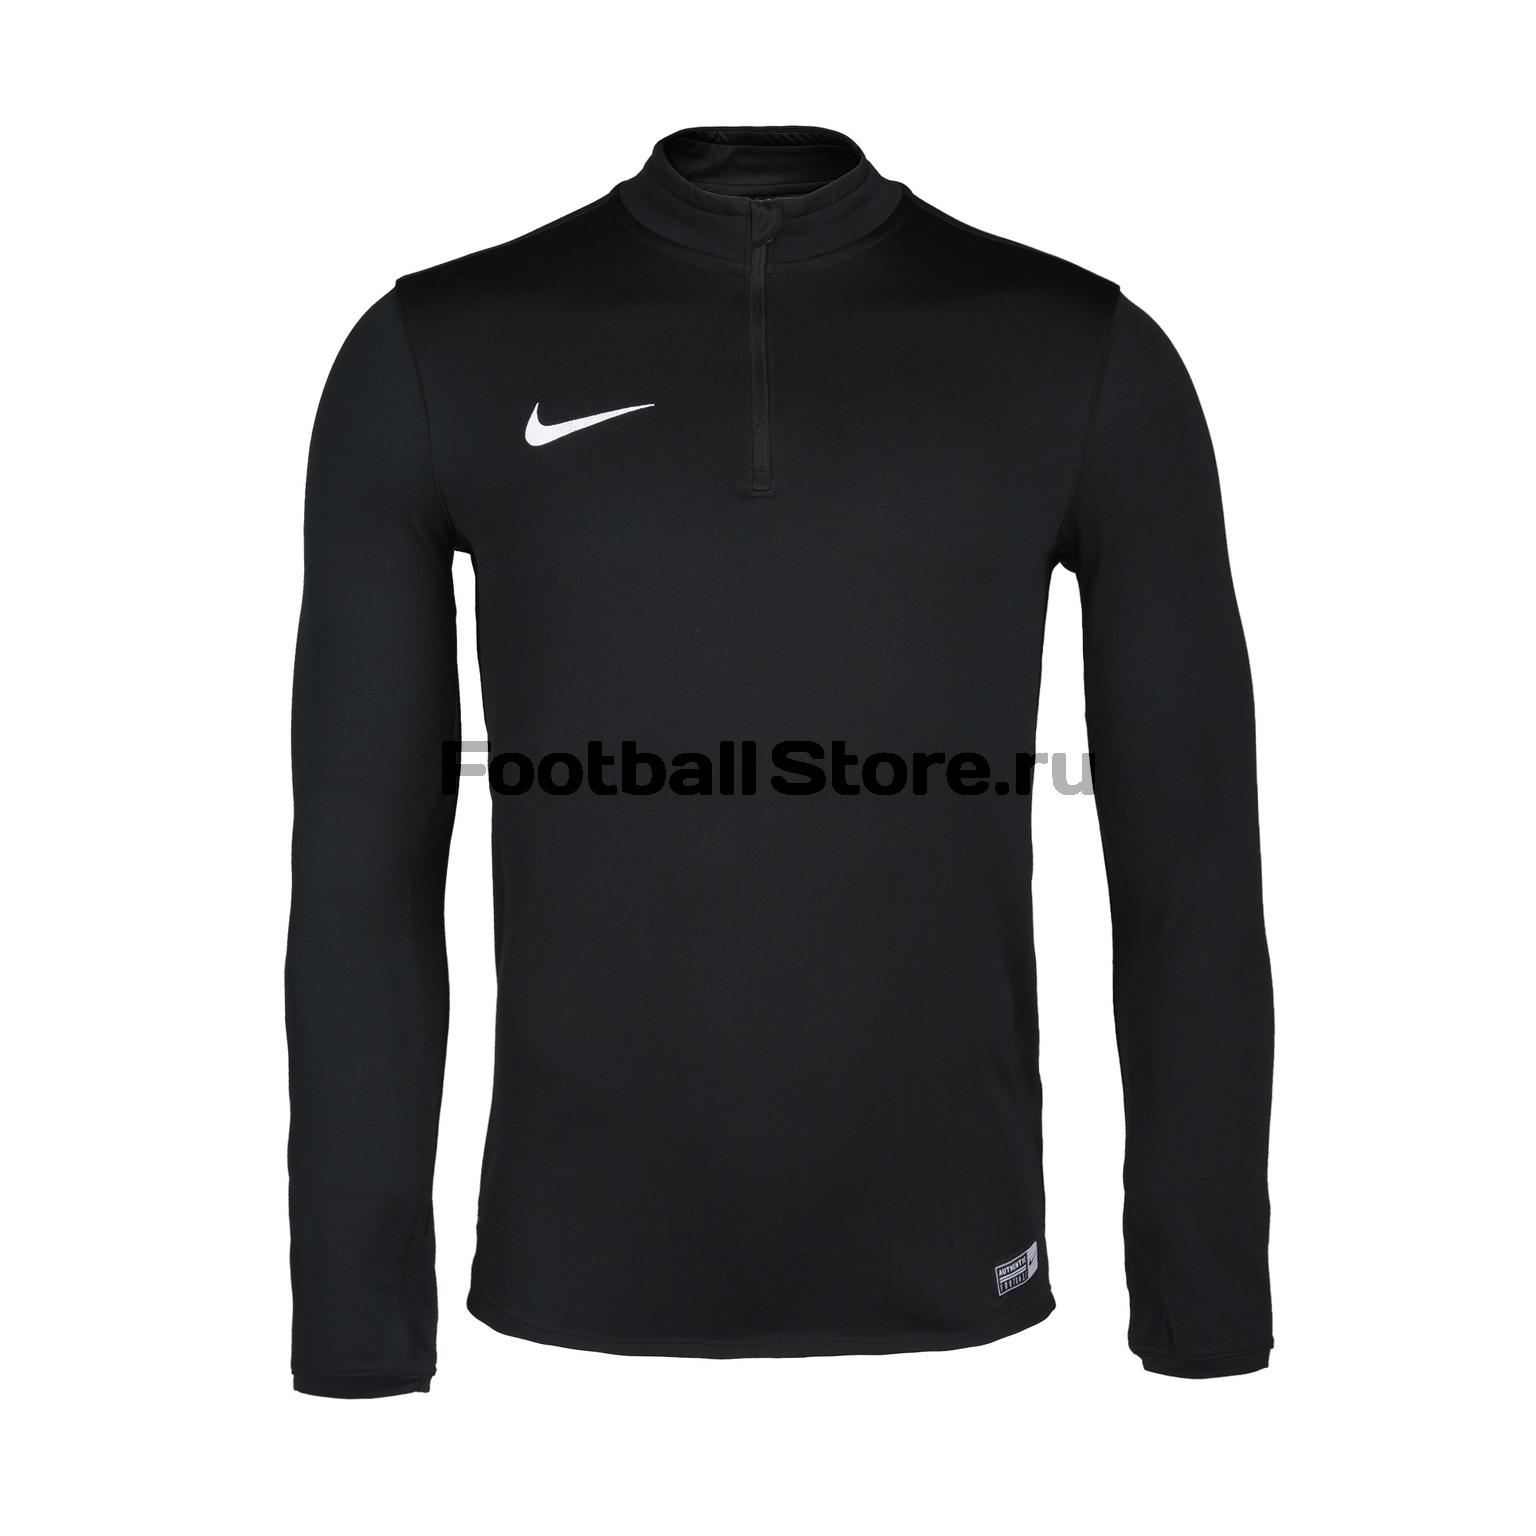 Свитер тренировочный Nike Academy 16 Midlayer Top 725930-010 свитера толстовки nike свитер тренировочный nike ls academy 14 midlayer 588471 657